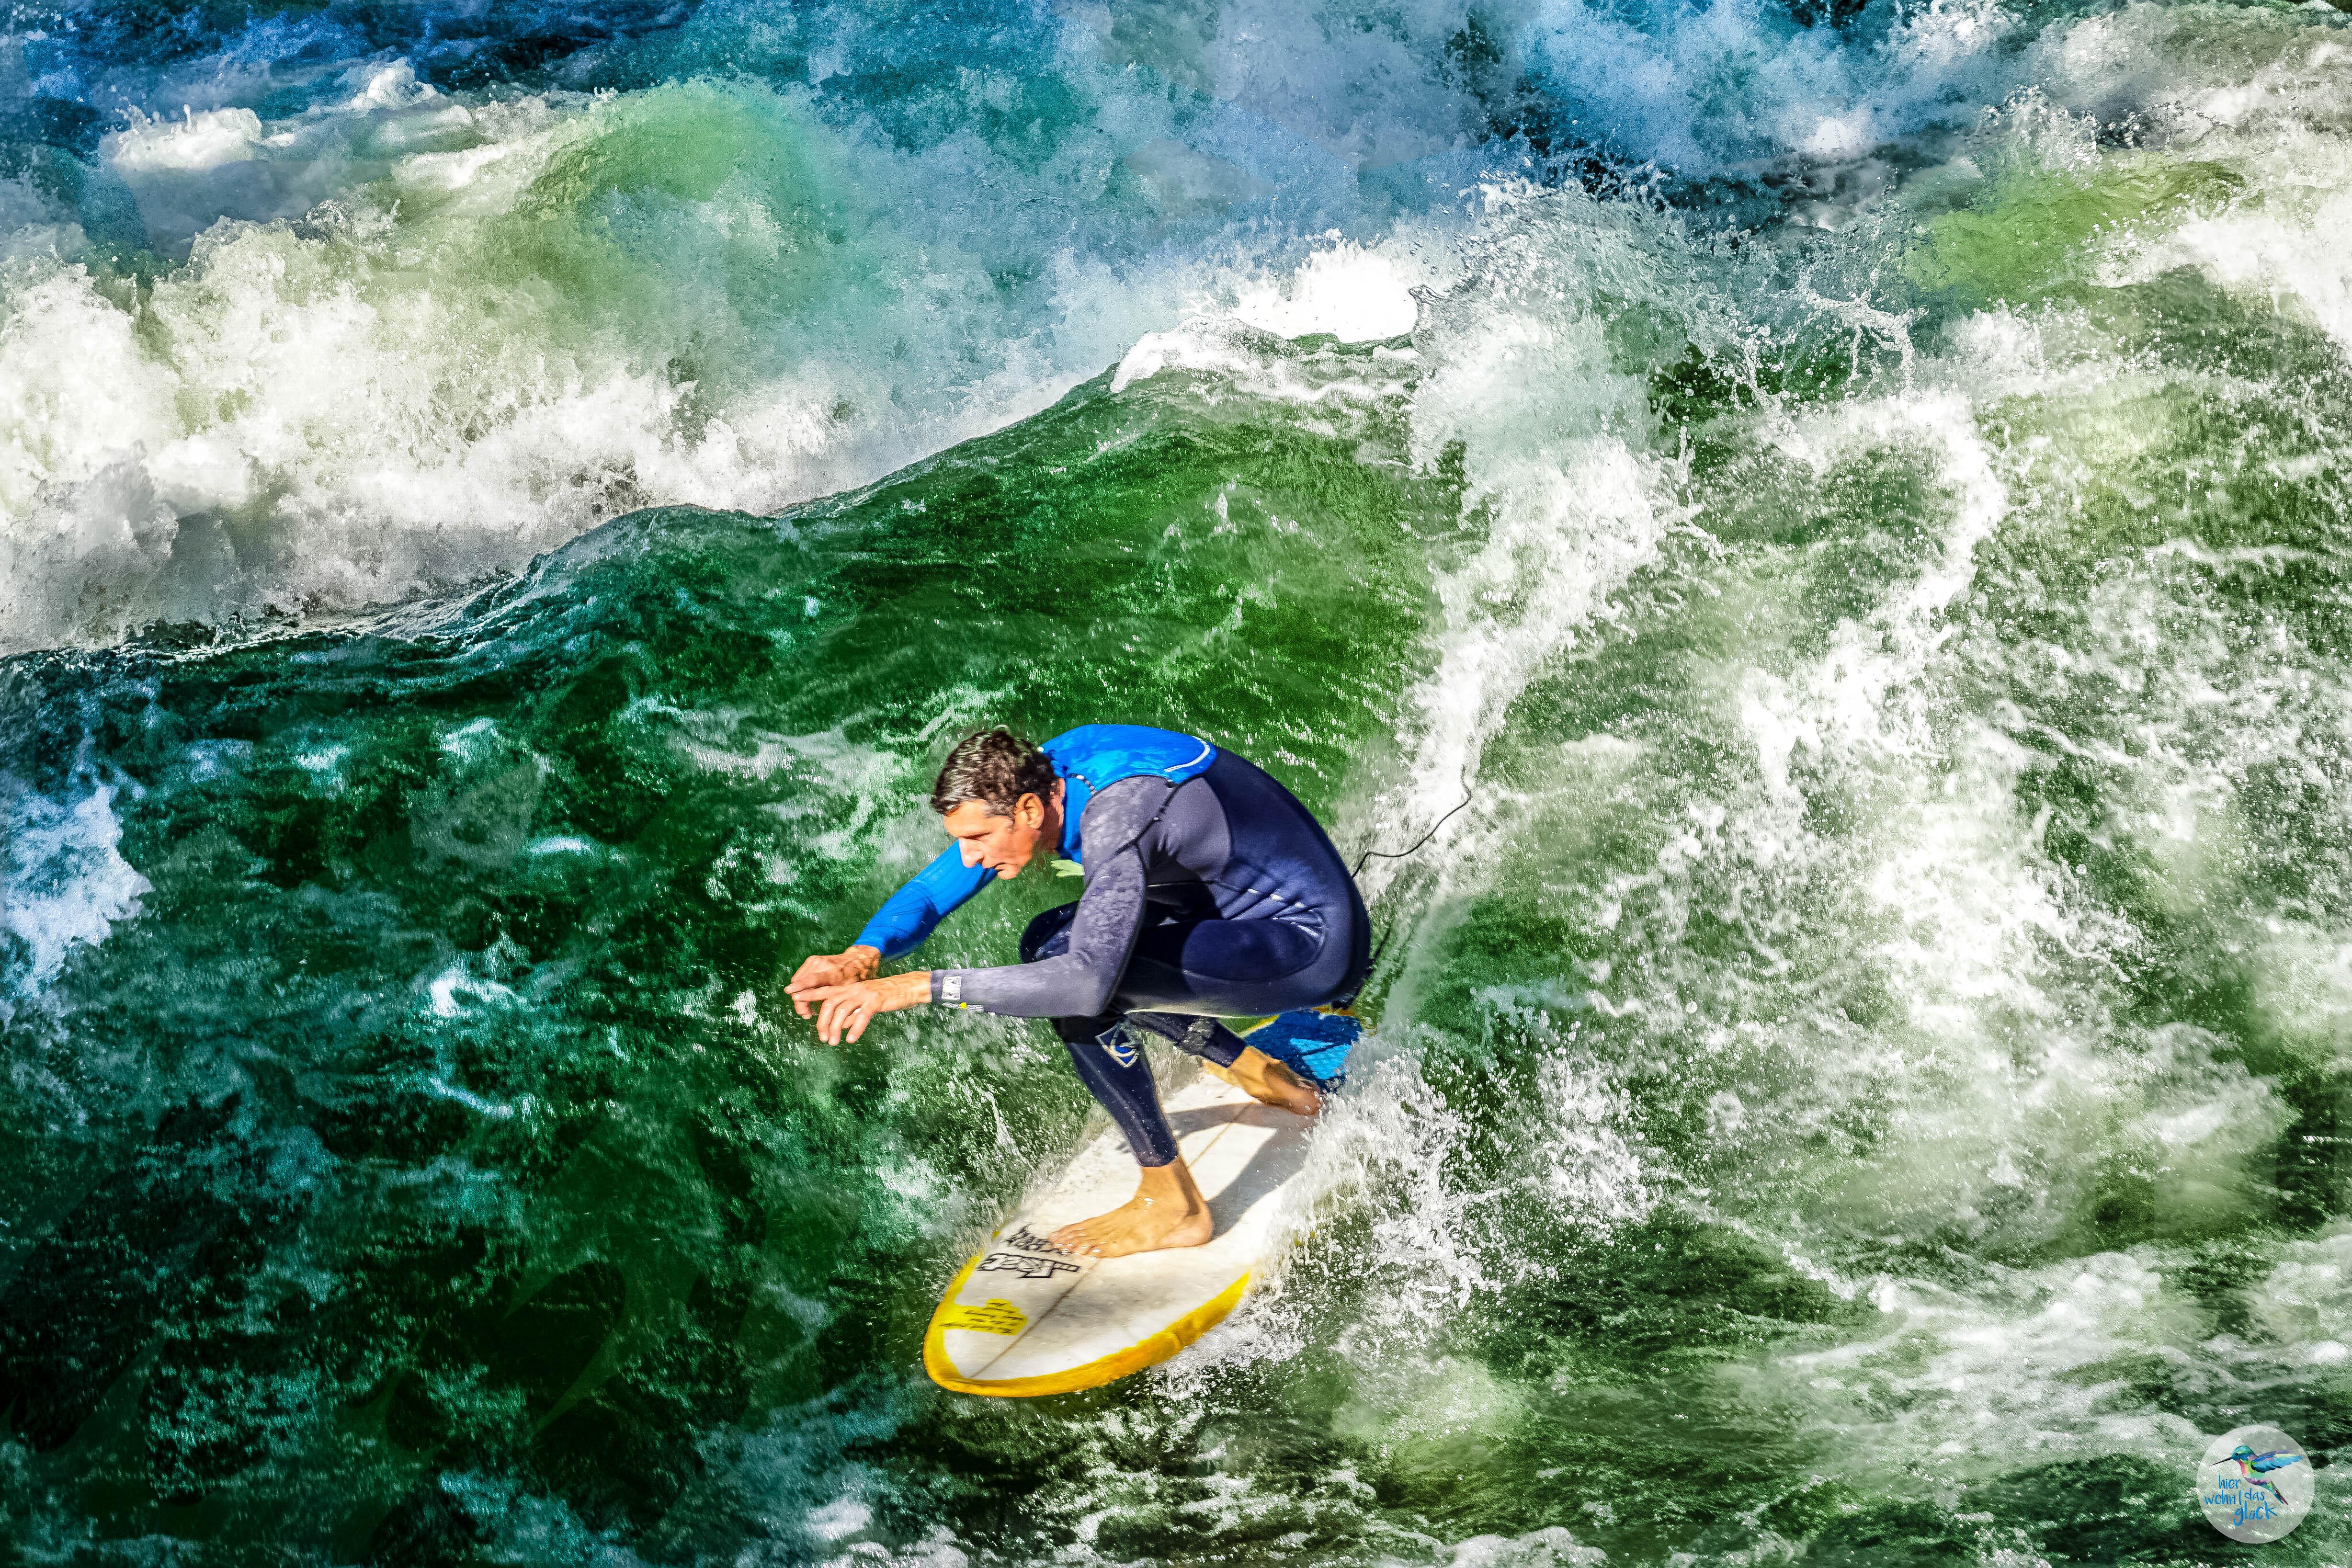 Die künstlich erschaffene Welle ist durchaus herausfordernd - daher nur für Geübte zu empfehlen